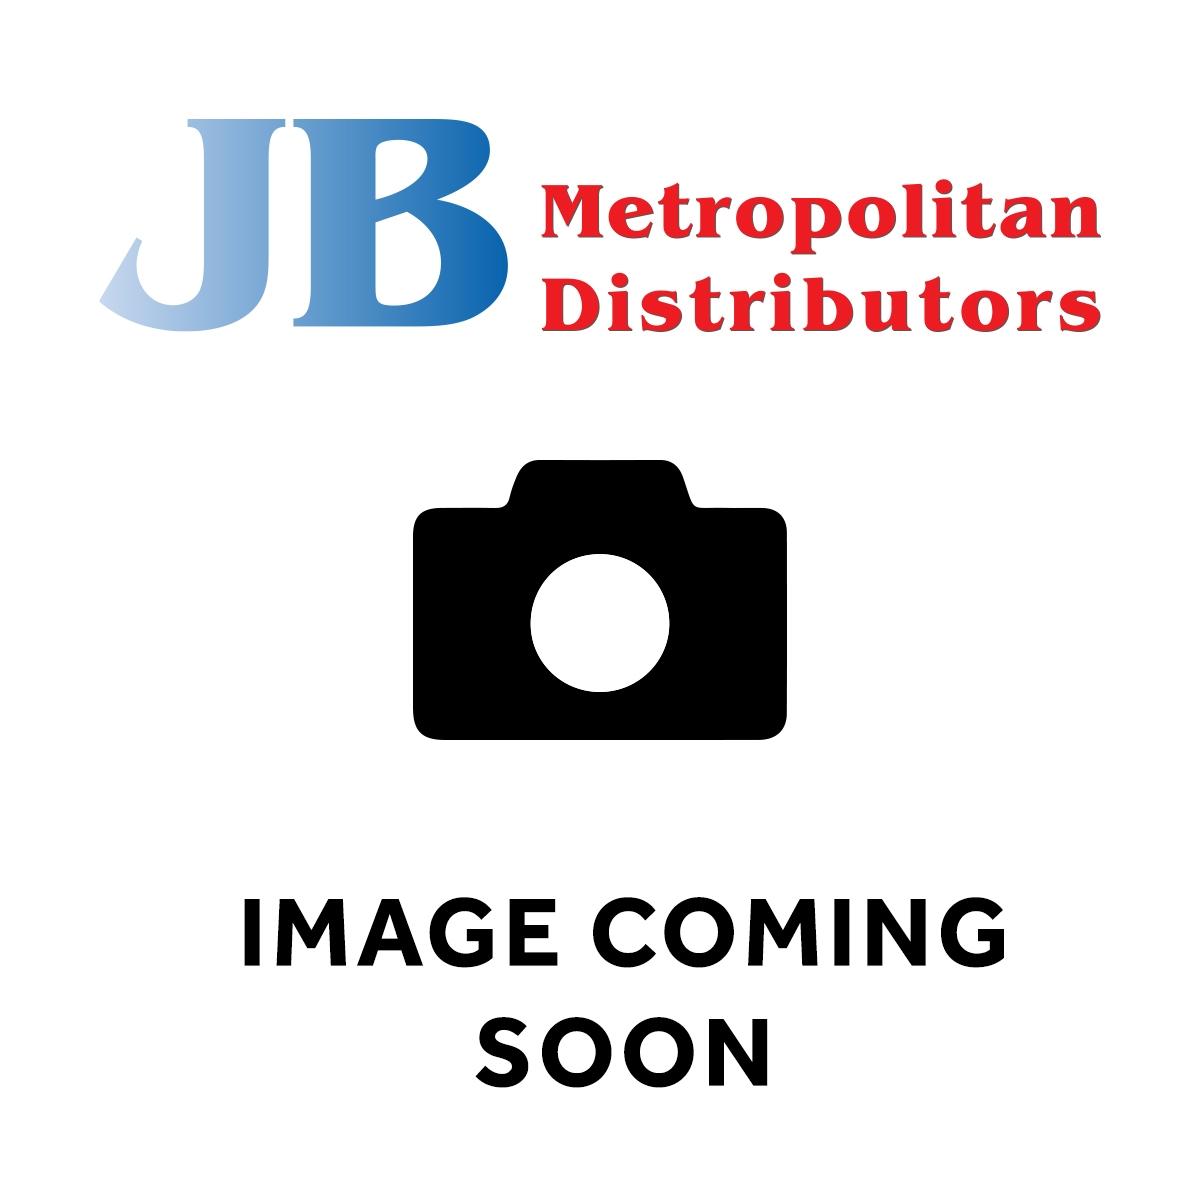 175G HERBERT ADAMS VEGE PASTIE